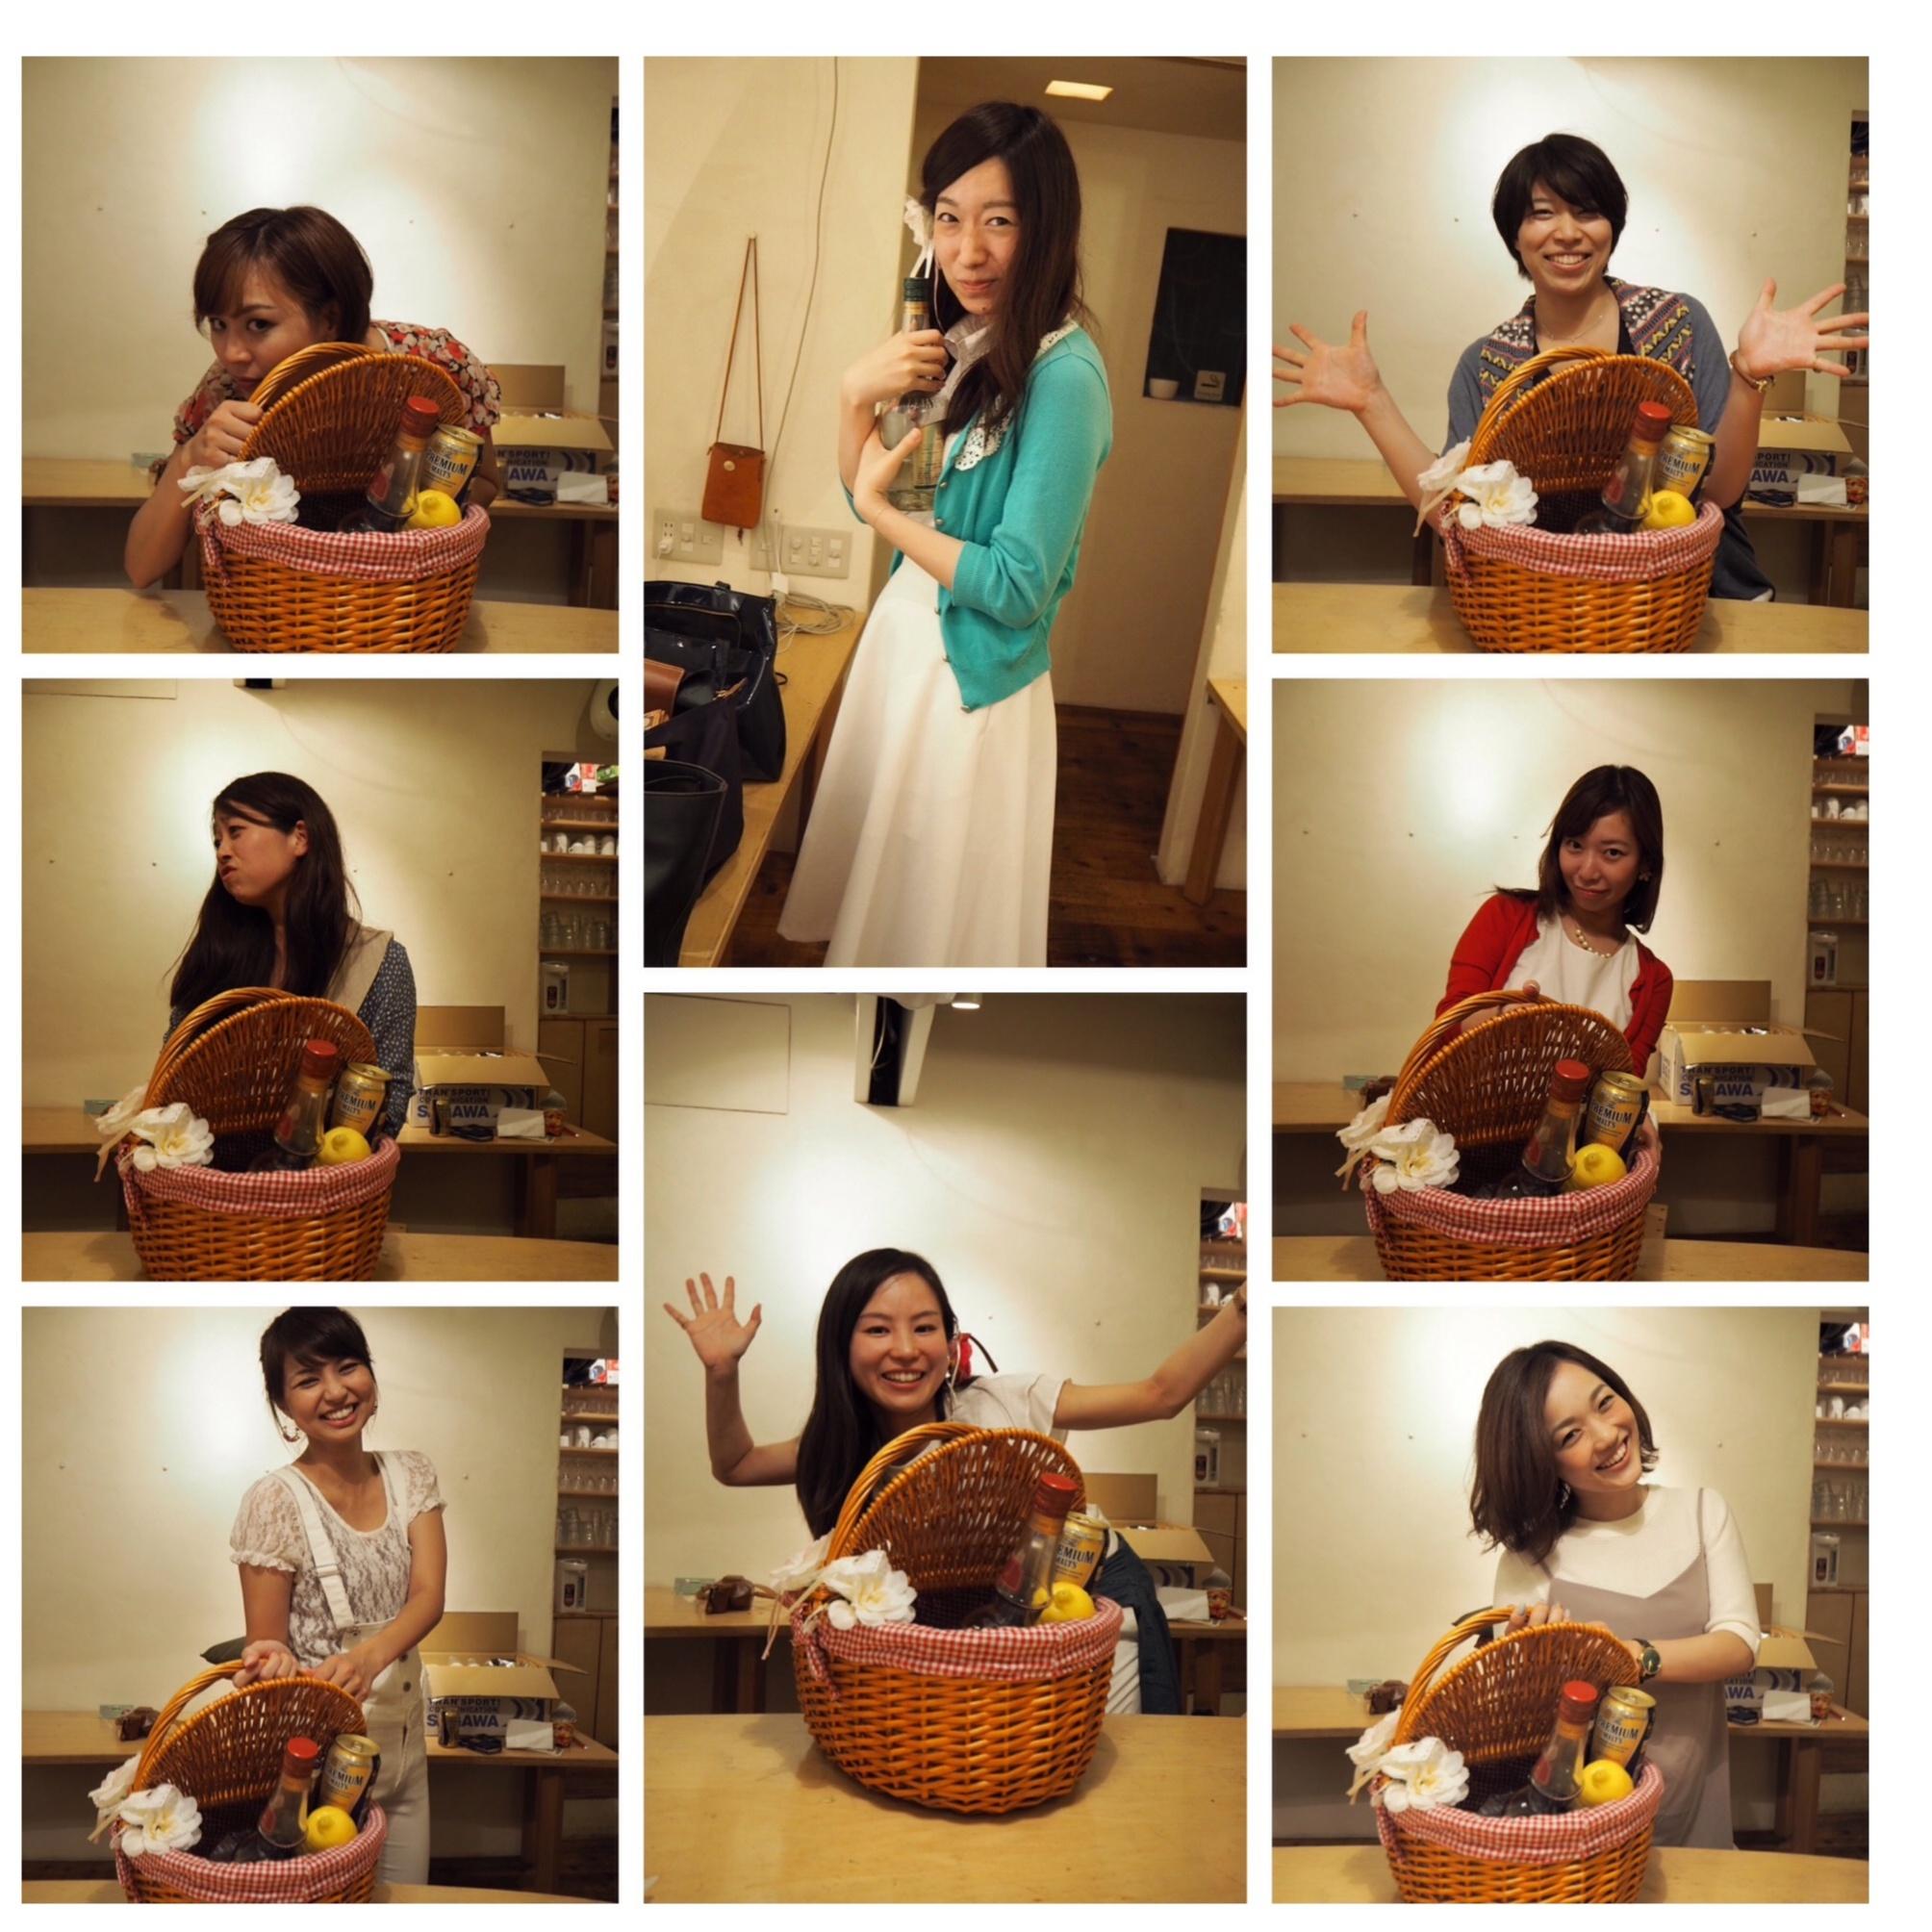 レンタルスペース【one kitchen】で夜ピクニック⁉️ルジェフルーツジャーでお洒落カクテルparty( ´ ▽ ` )ノ_10